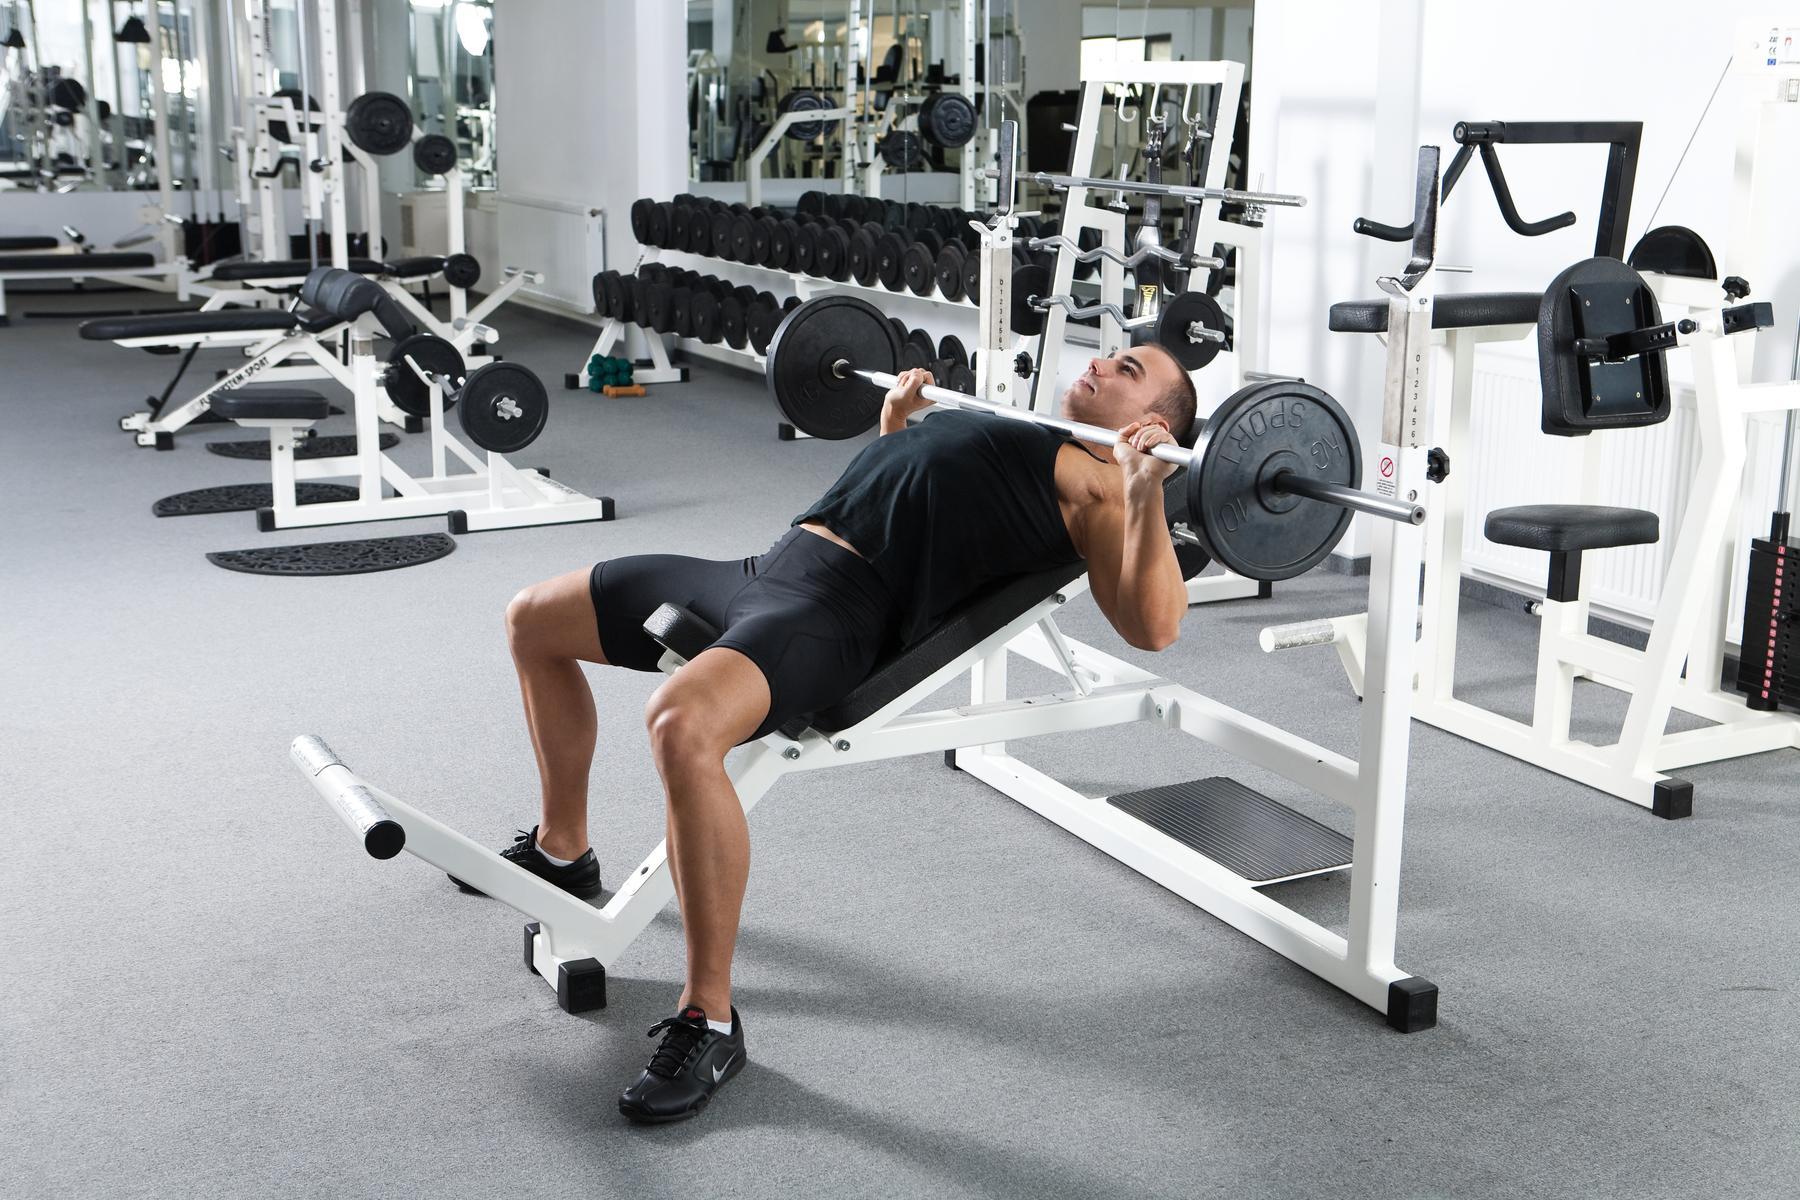 Zlepšite si techniku tlakov na šikmej lavičke | Tipy atriky